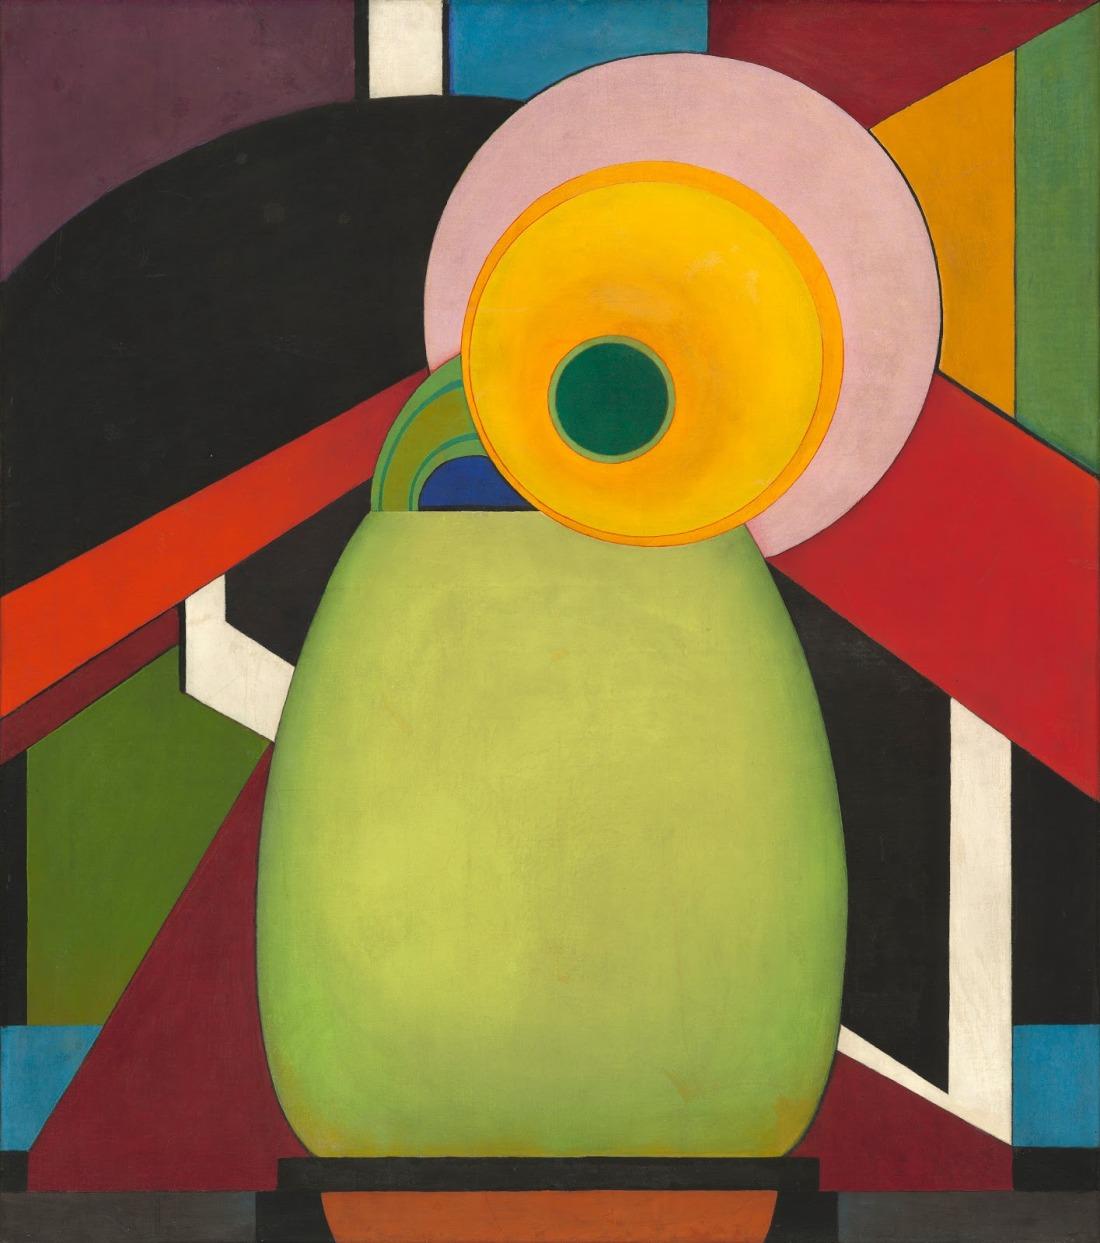 The Sunflower (c) Estate of Edward Steichen - ARS, New York